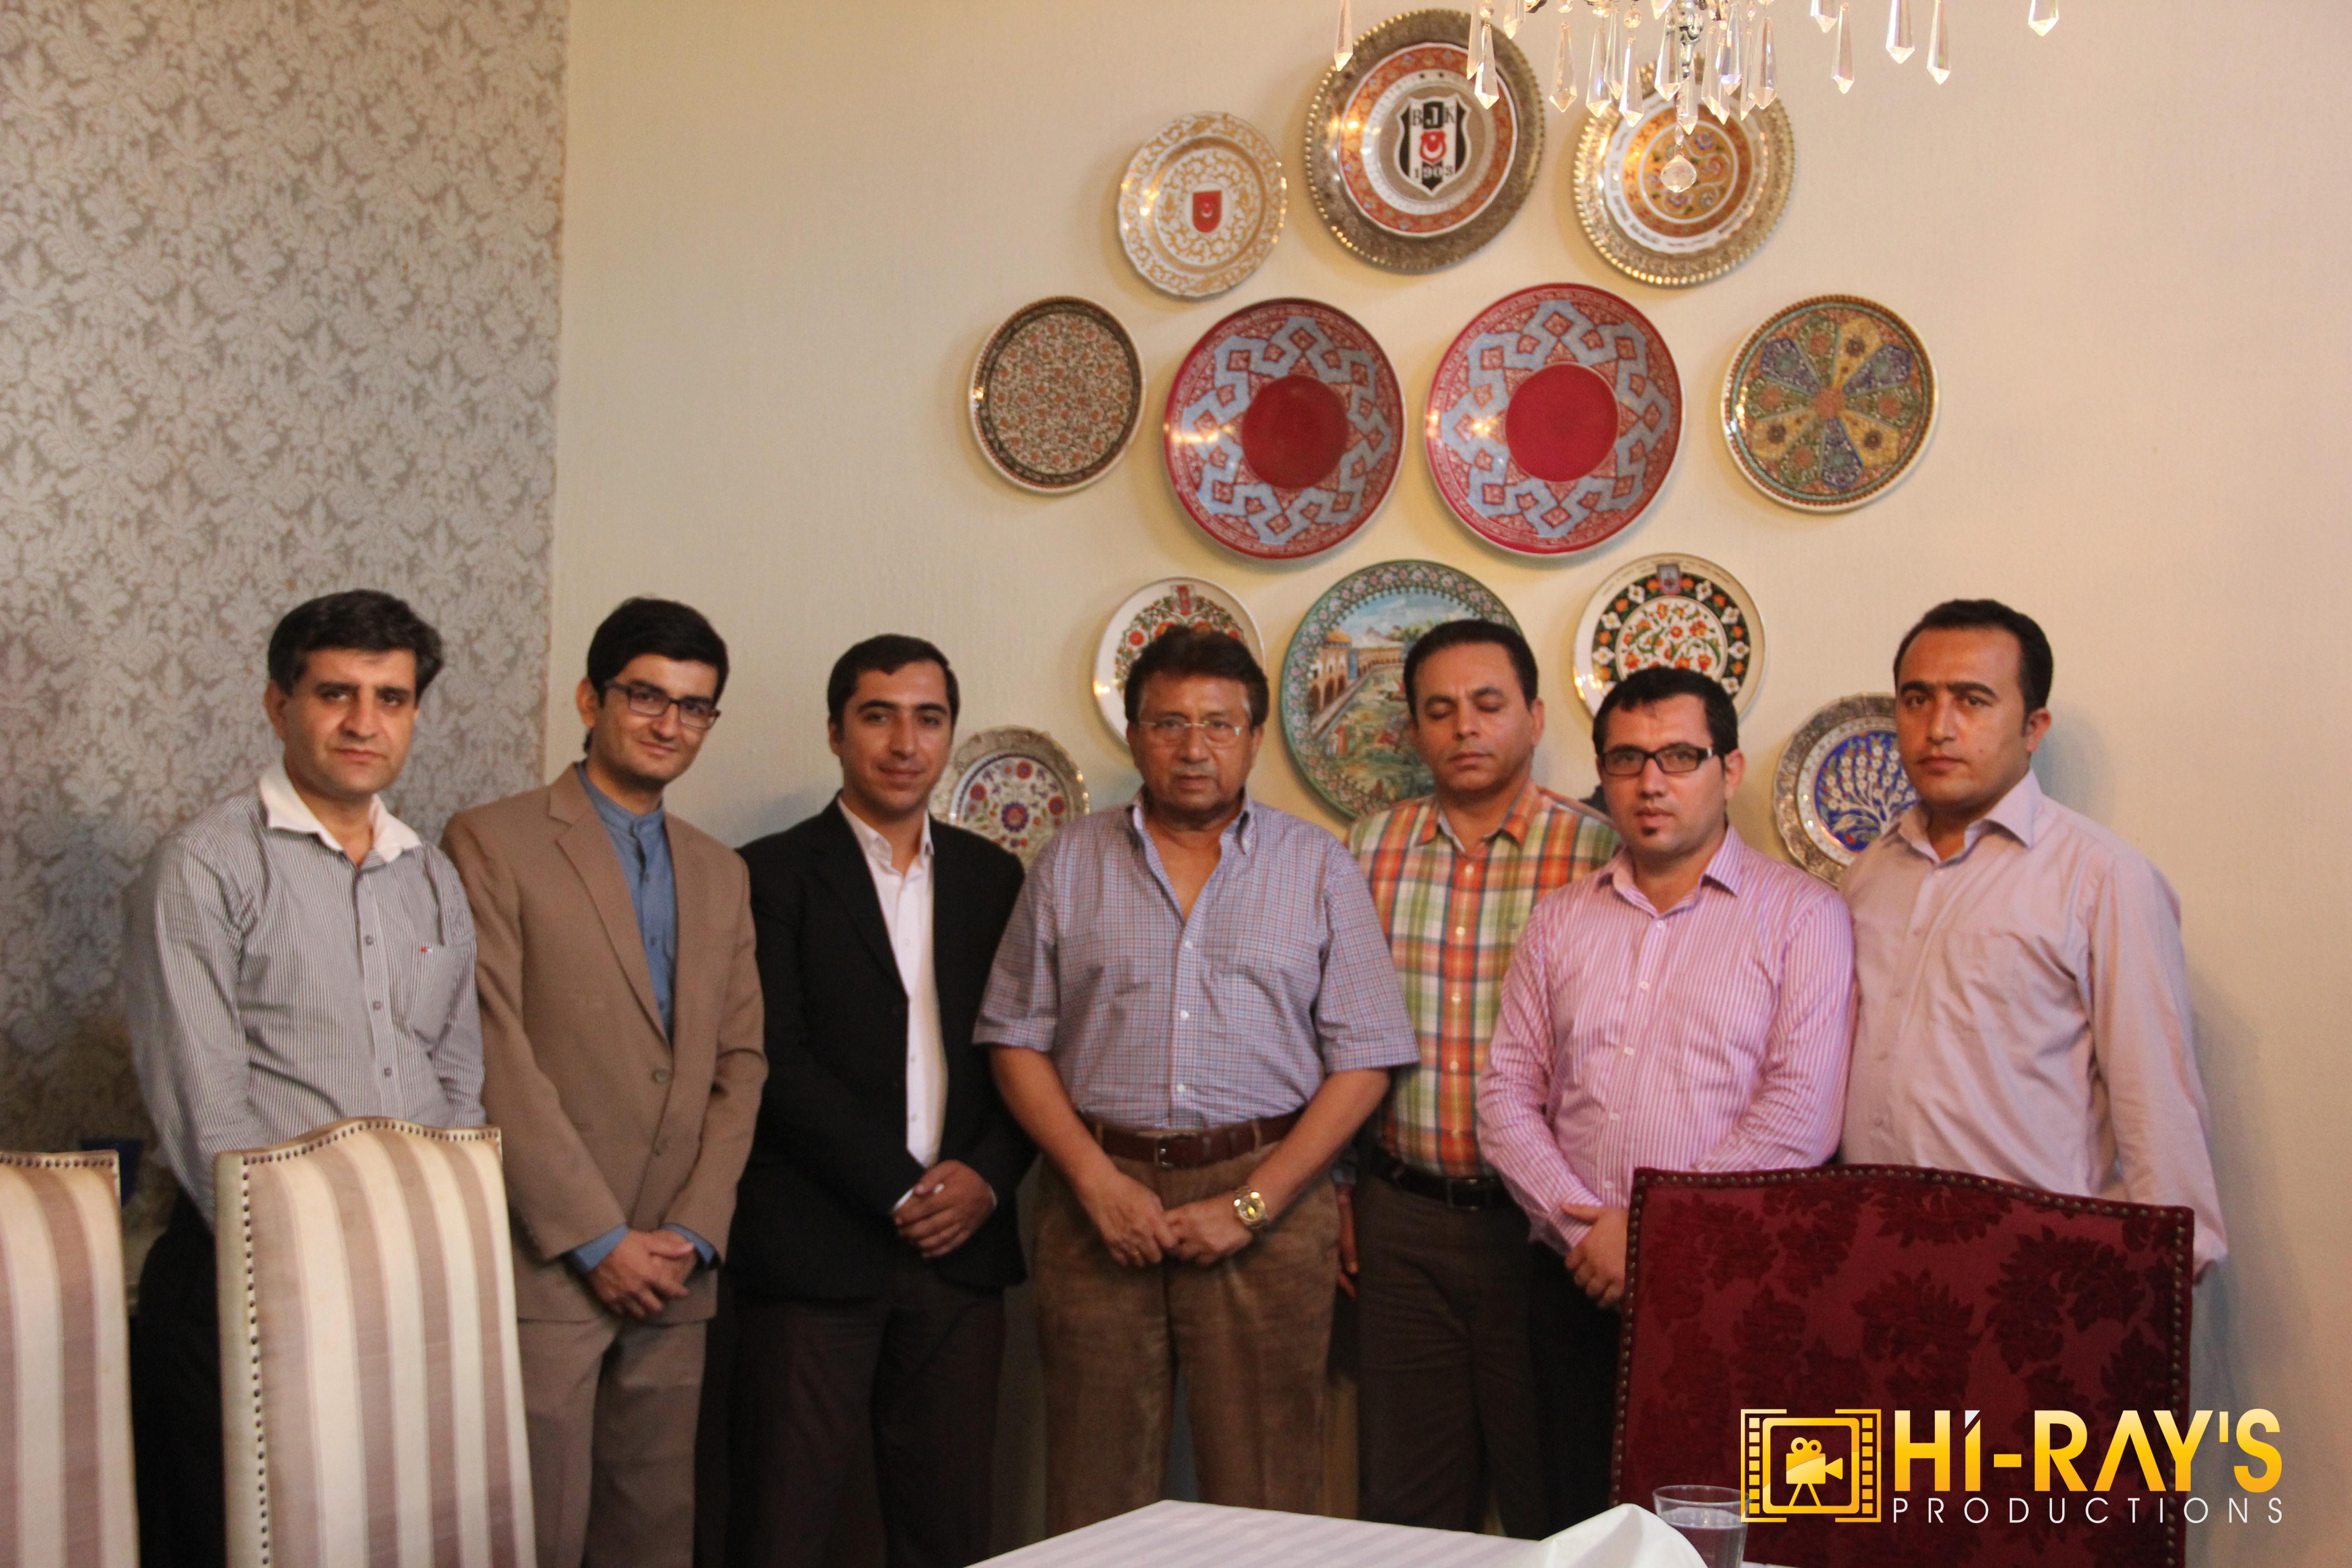 پاک چین راہداری میں گلگت بلتستان کو بھی نمائندگی دی جائے پرویز مشرف